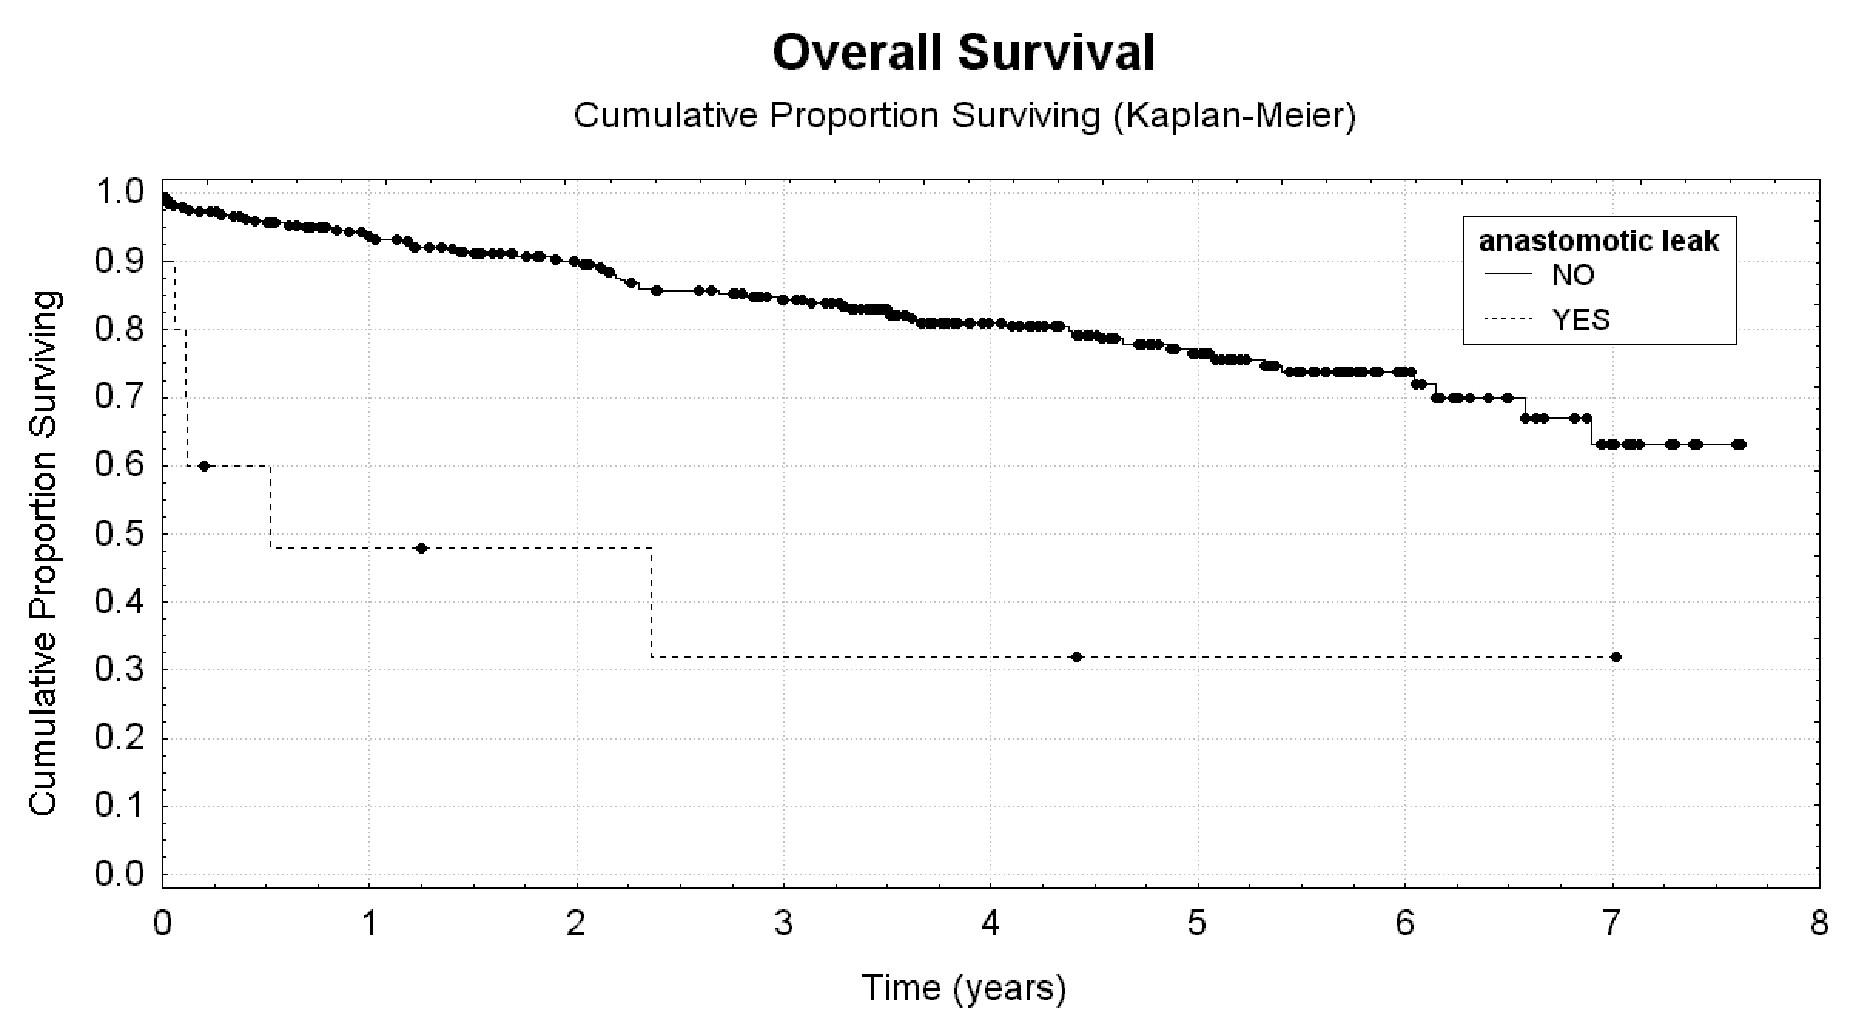 Leak z anastomózy jako rizikový faktor krátkého celkového přežití Graph 7: Leakage from anastomosis as a risk factor for short overal survival